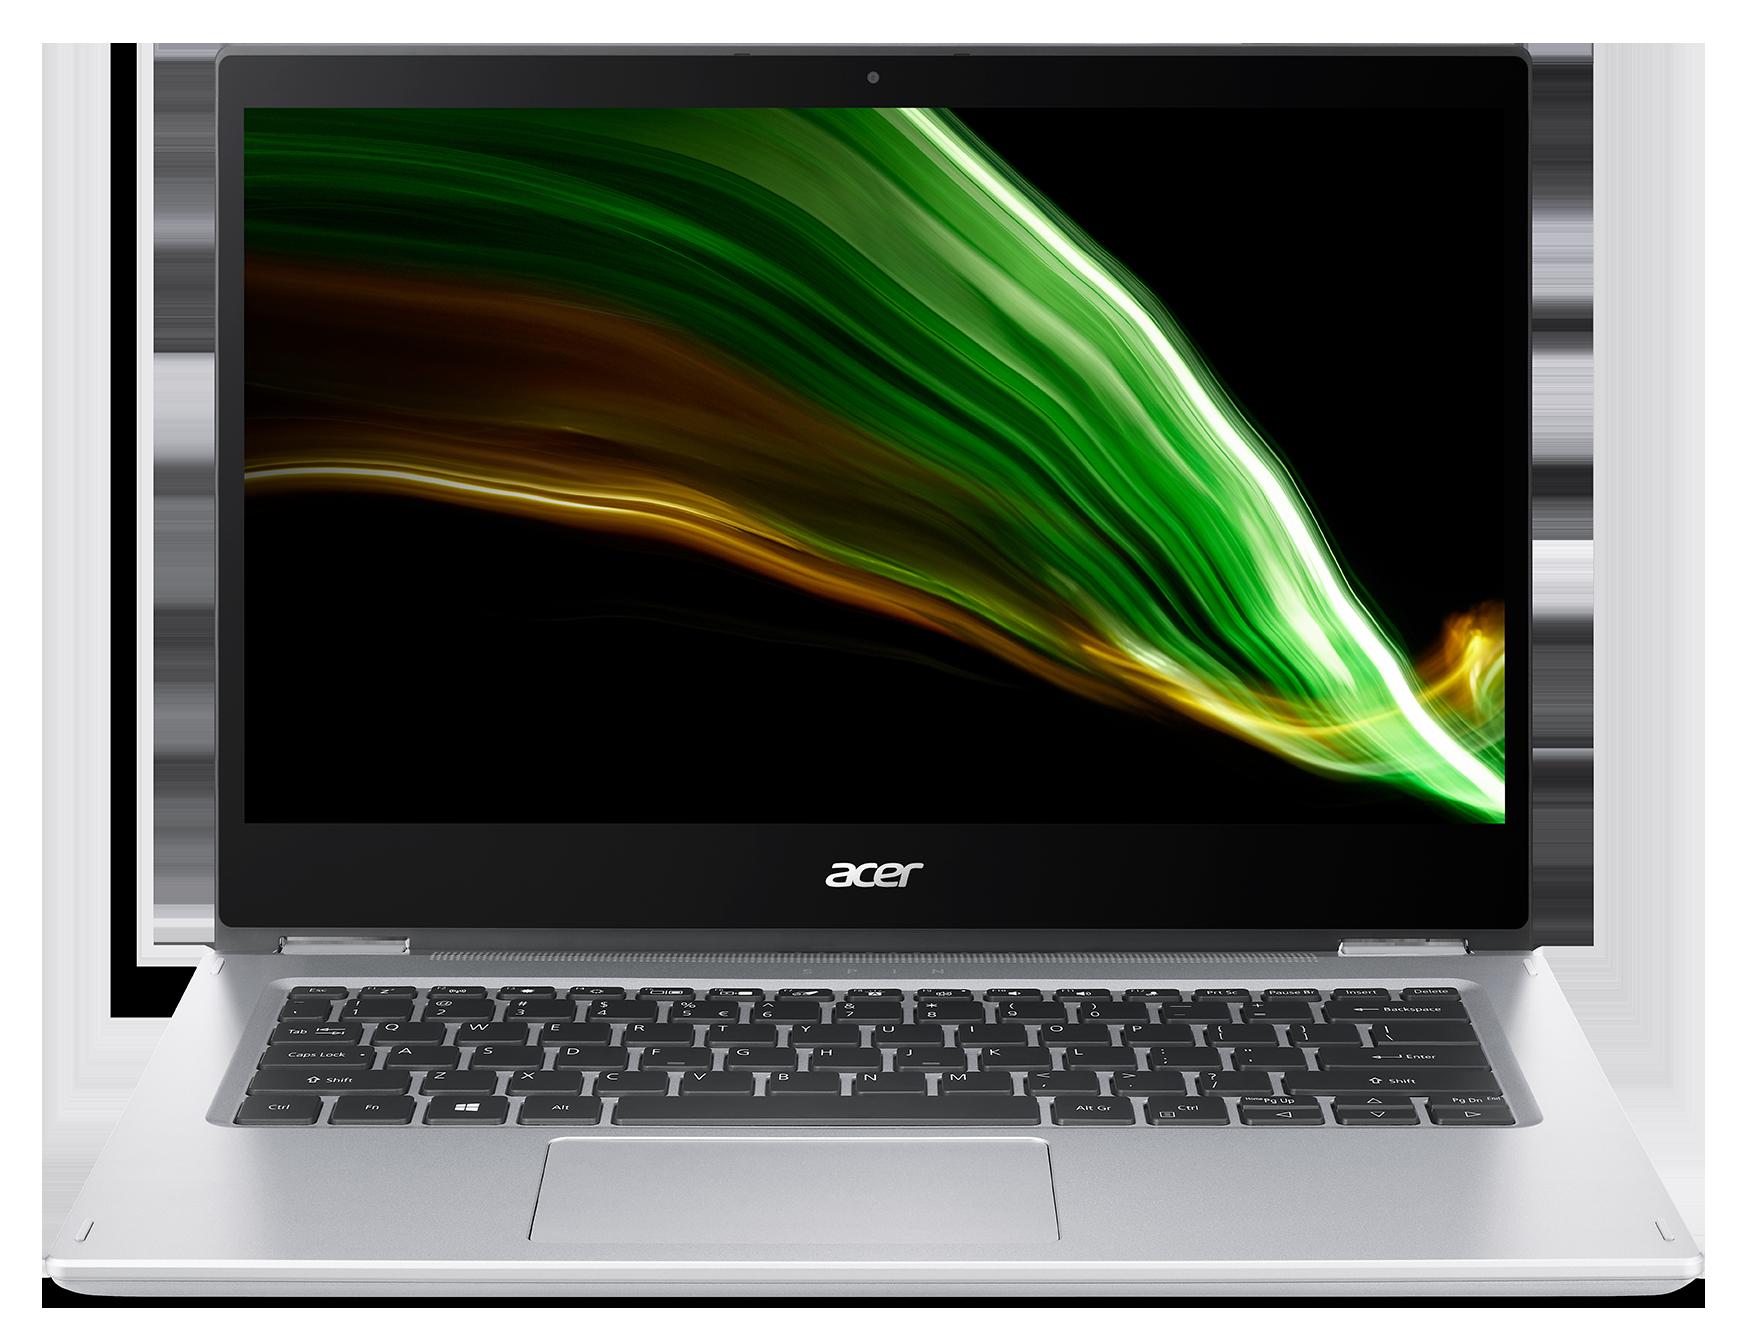 Acer Spin 1 - 14T''/N6000/4G/128SSD/W10S stříbrný + stylus - NX.ABJEC.002